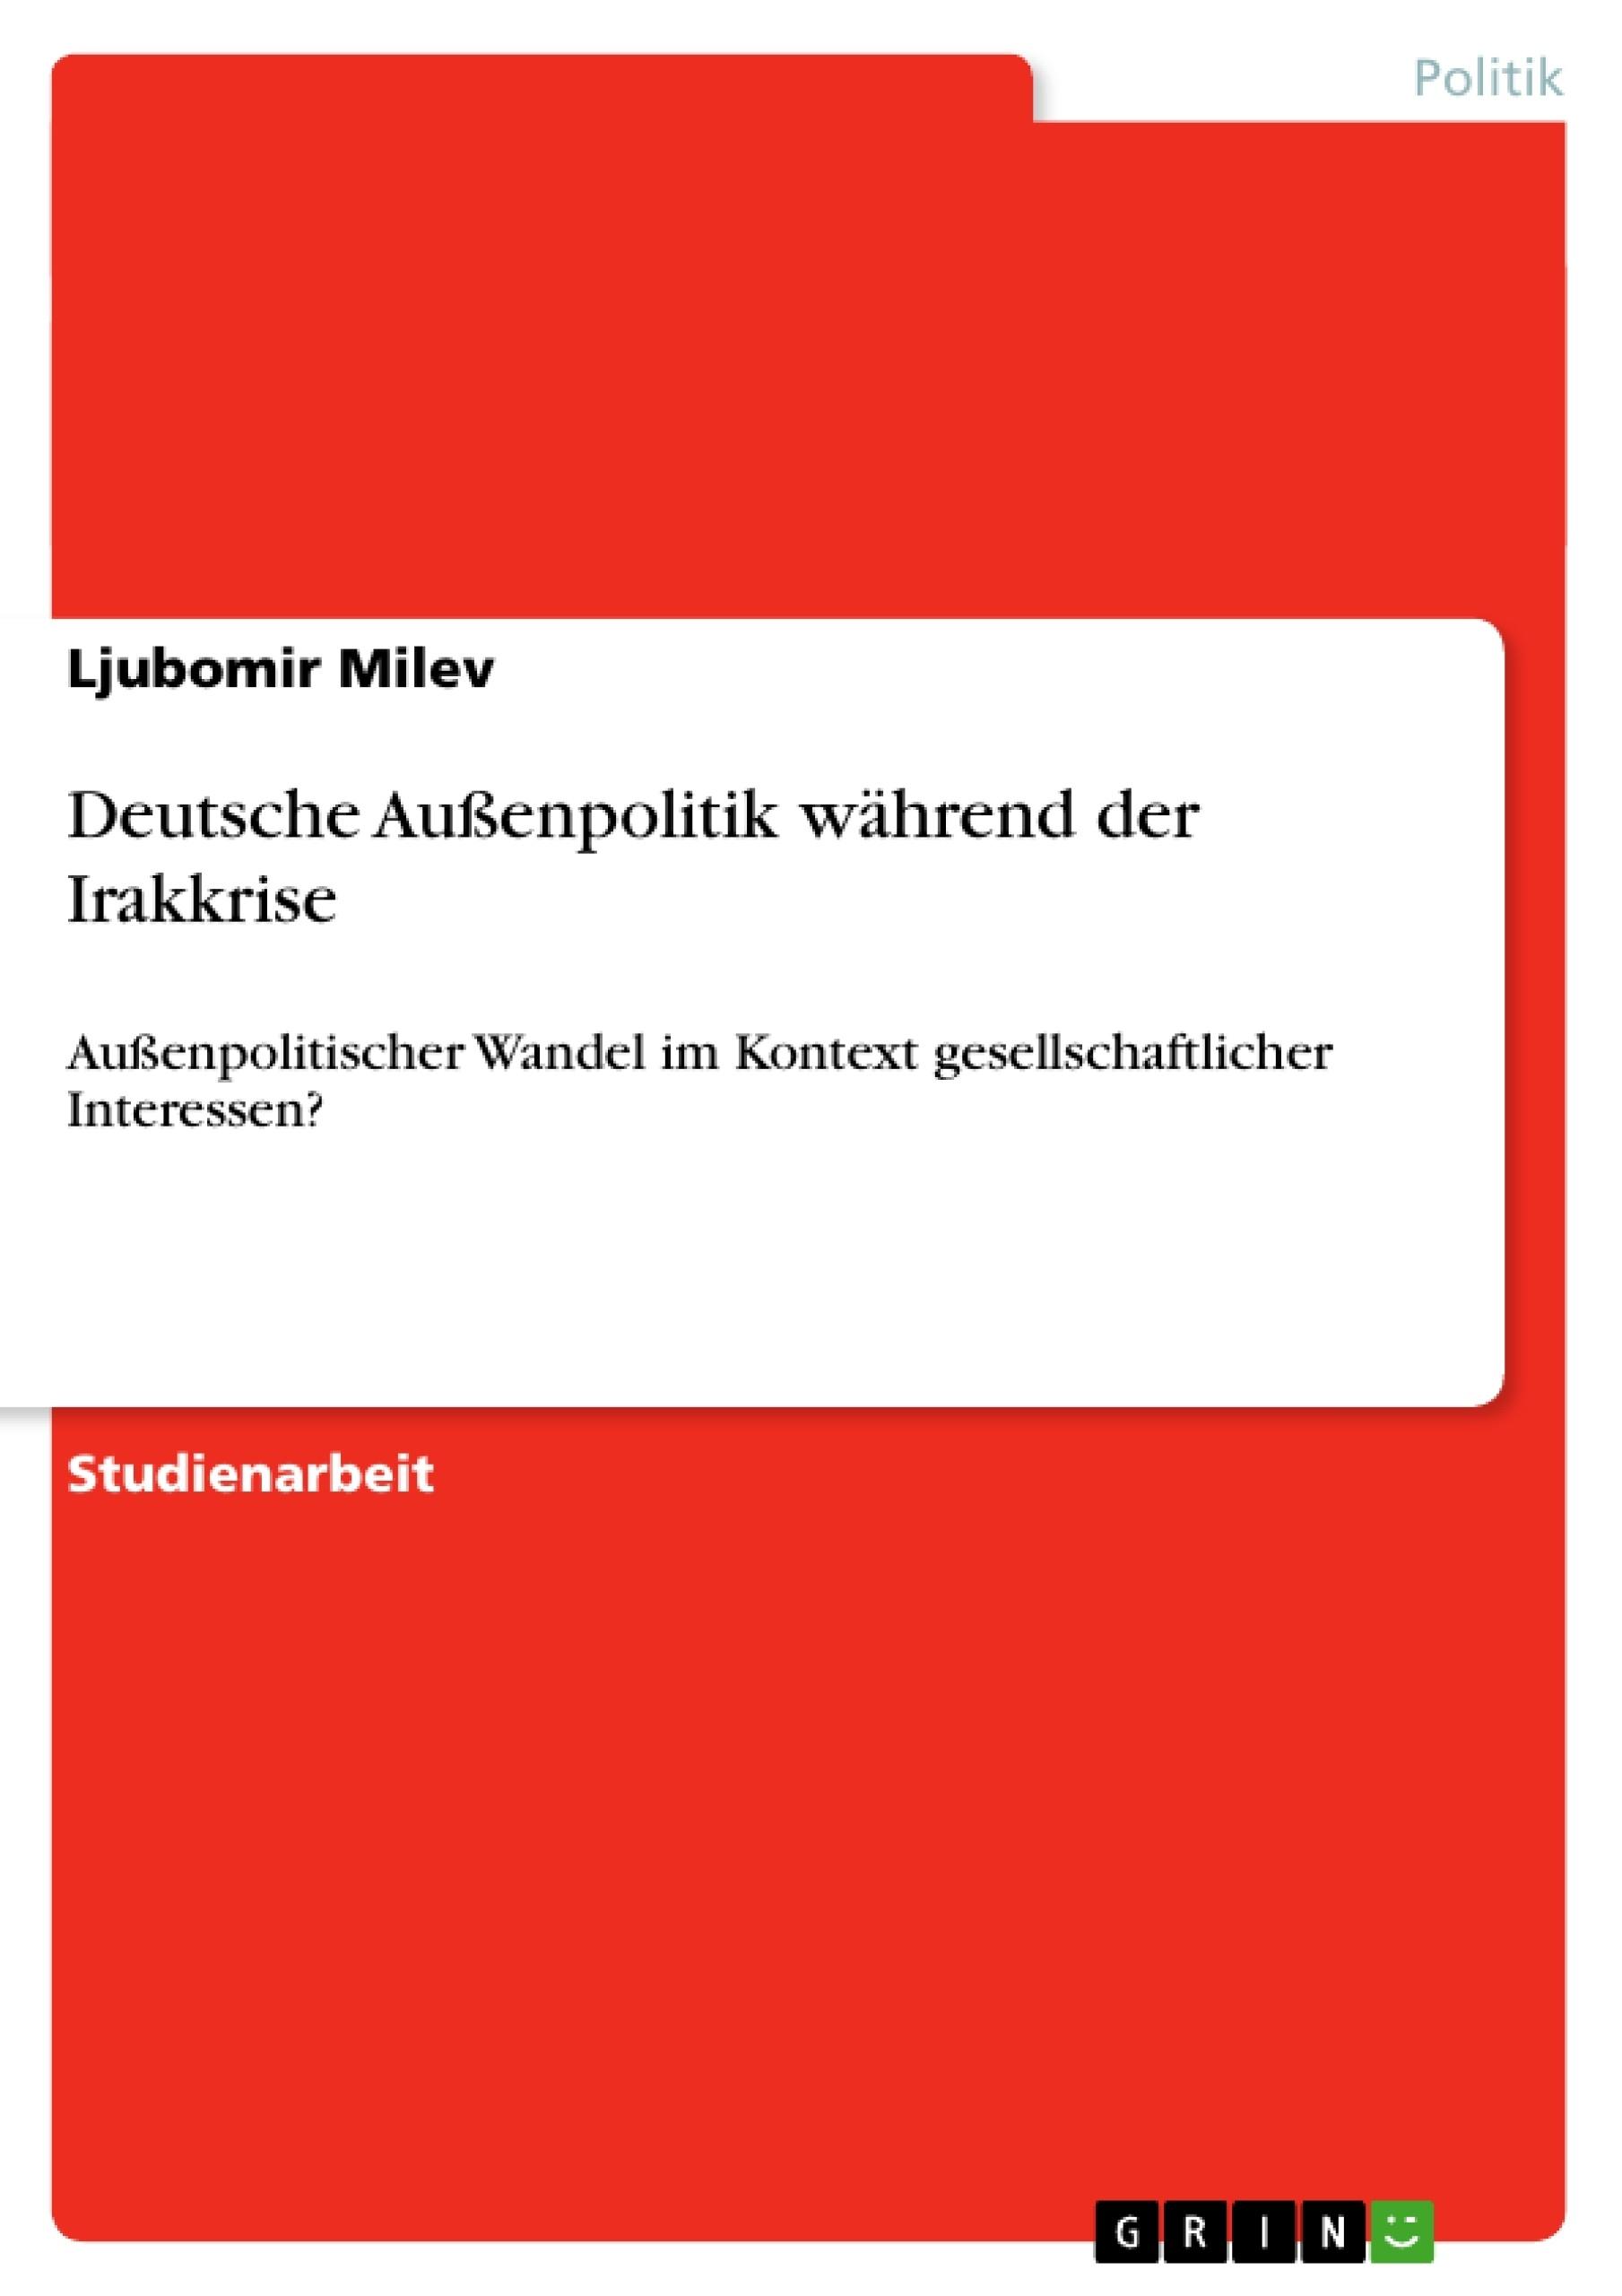 Titel: Deutsche Außenpolitik während der Irakkrise